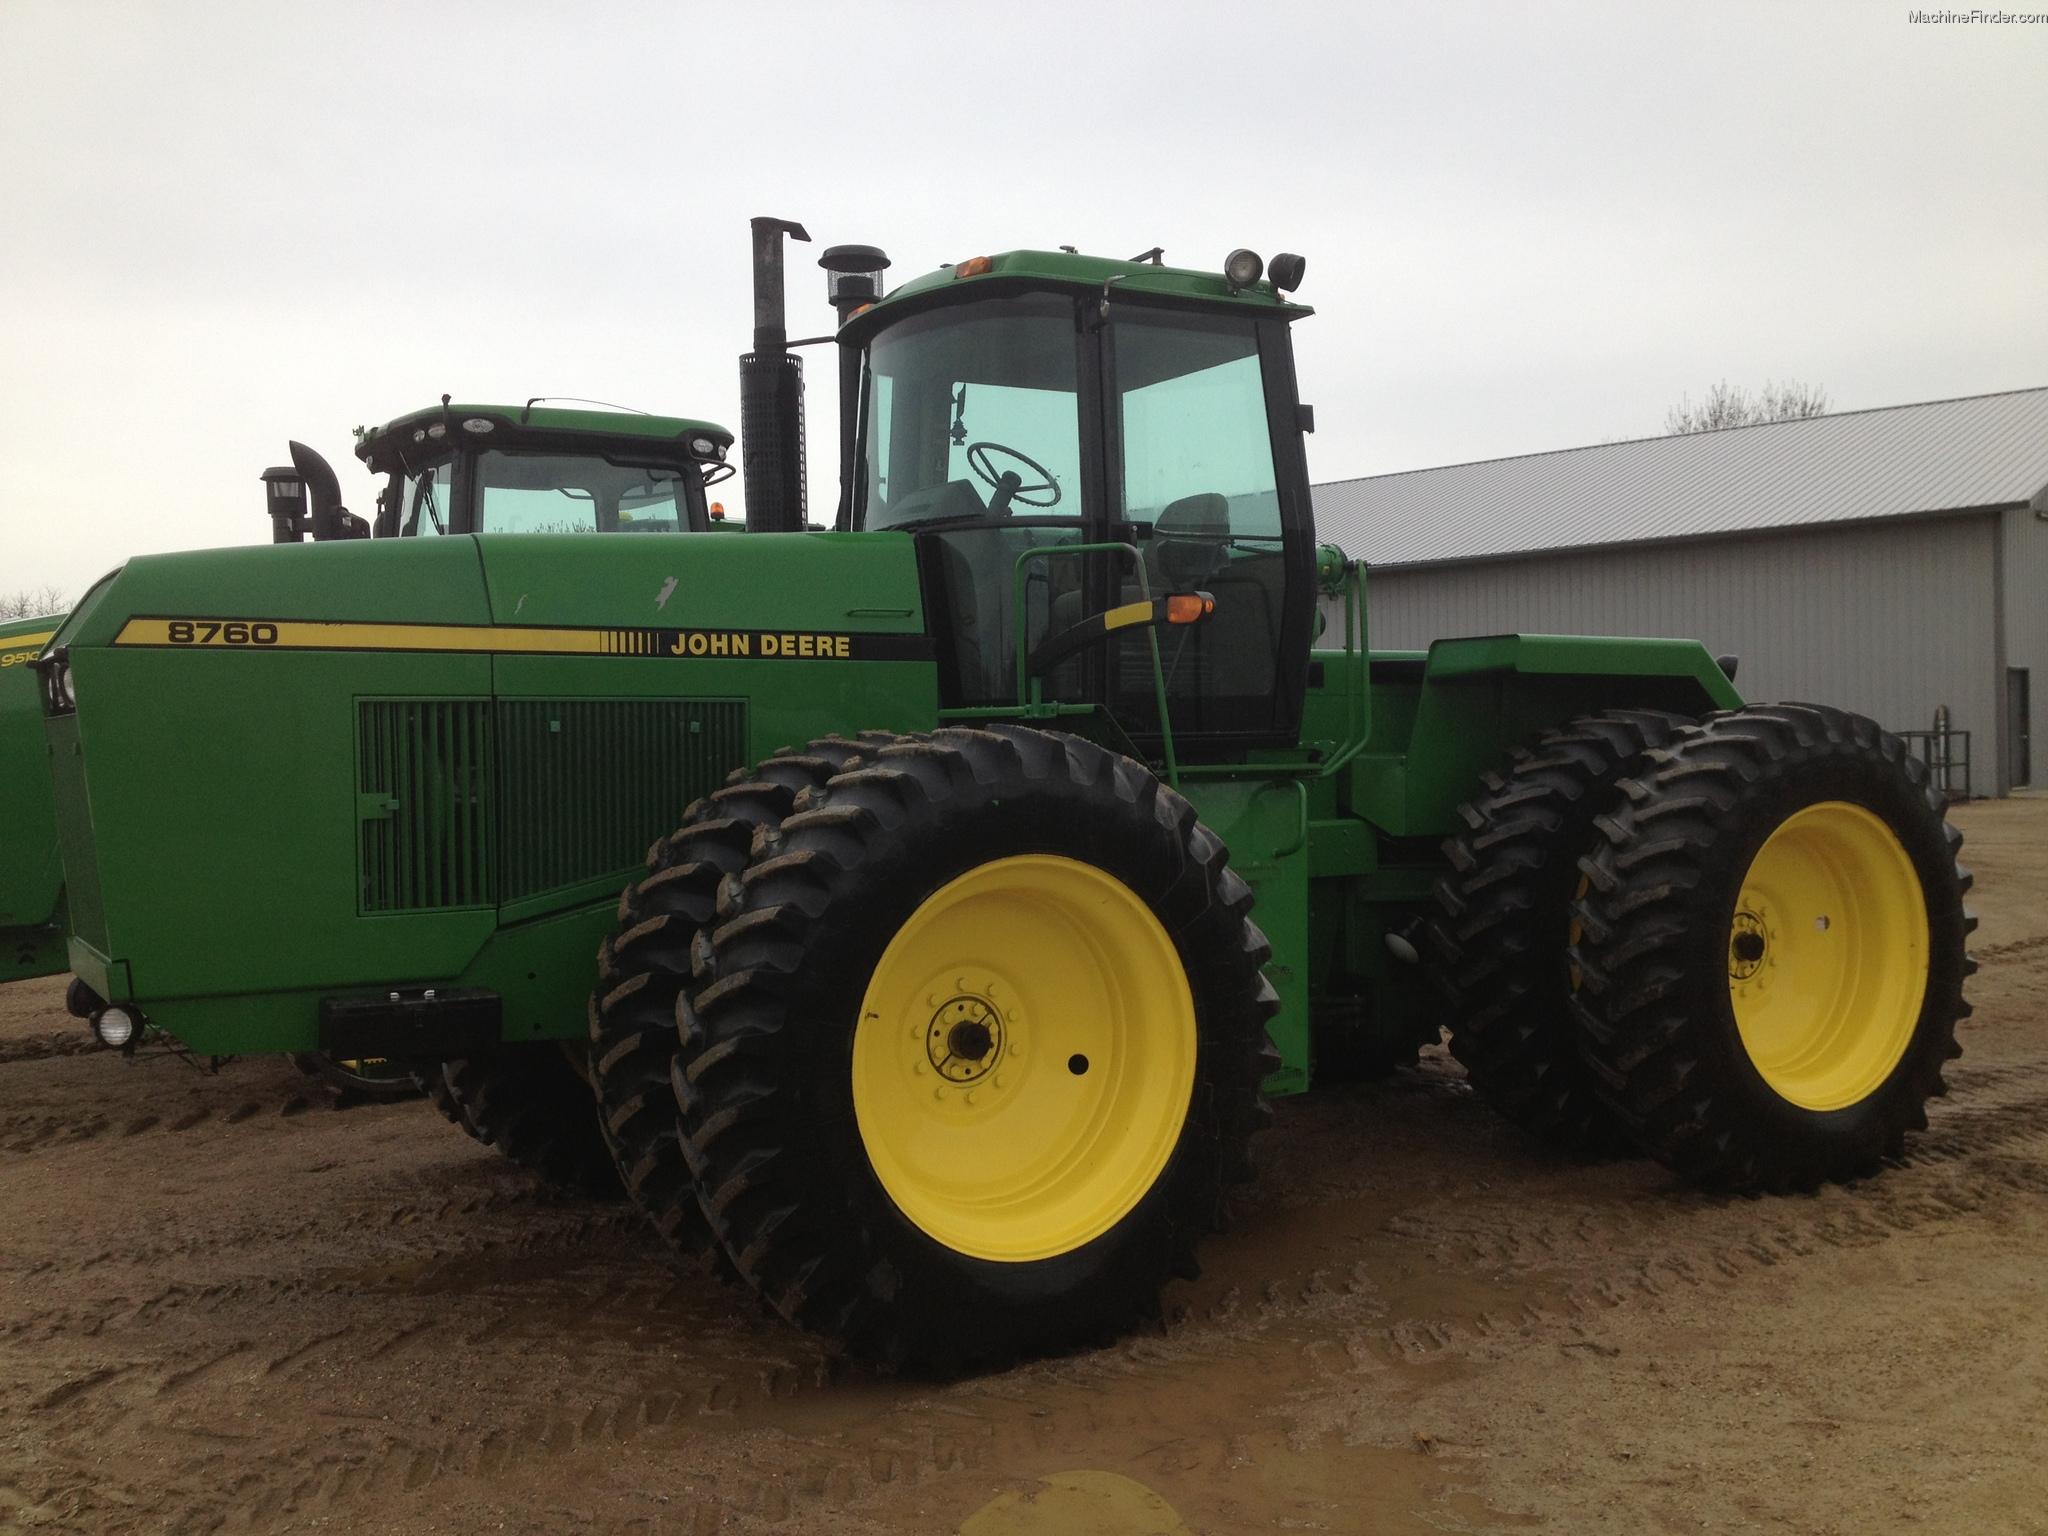 Tractor Lights 1990 : John deere tractors articulated wd